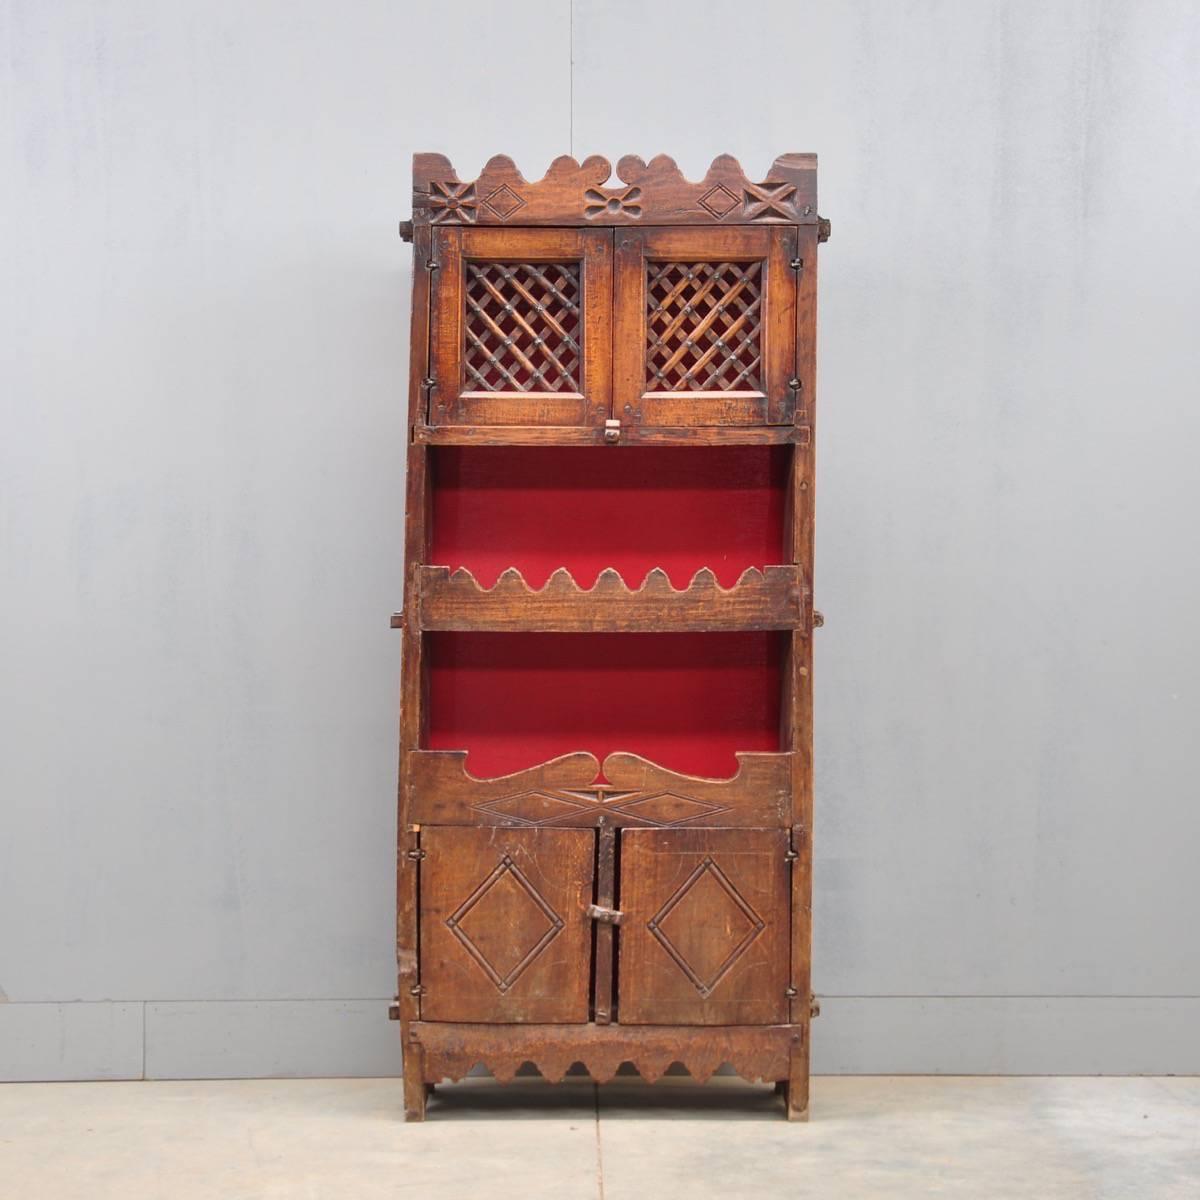 antique spanish kitchen cupboard - Spanish Kitchen Cupboard De Grande Antique Furniture